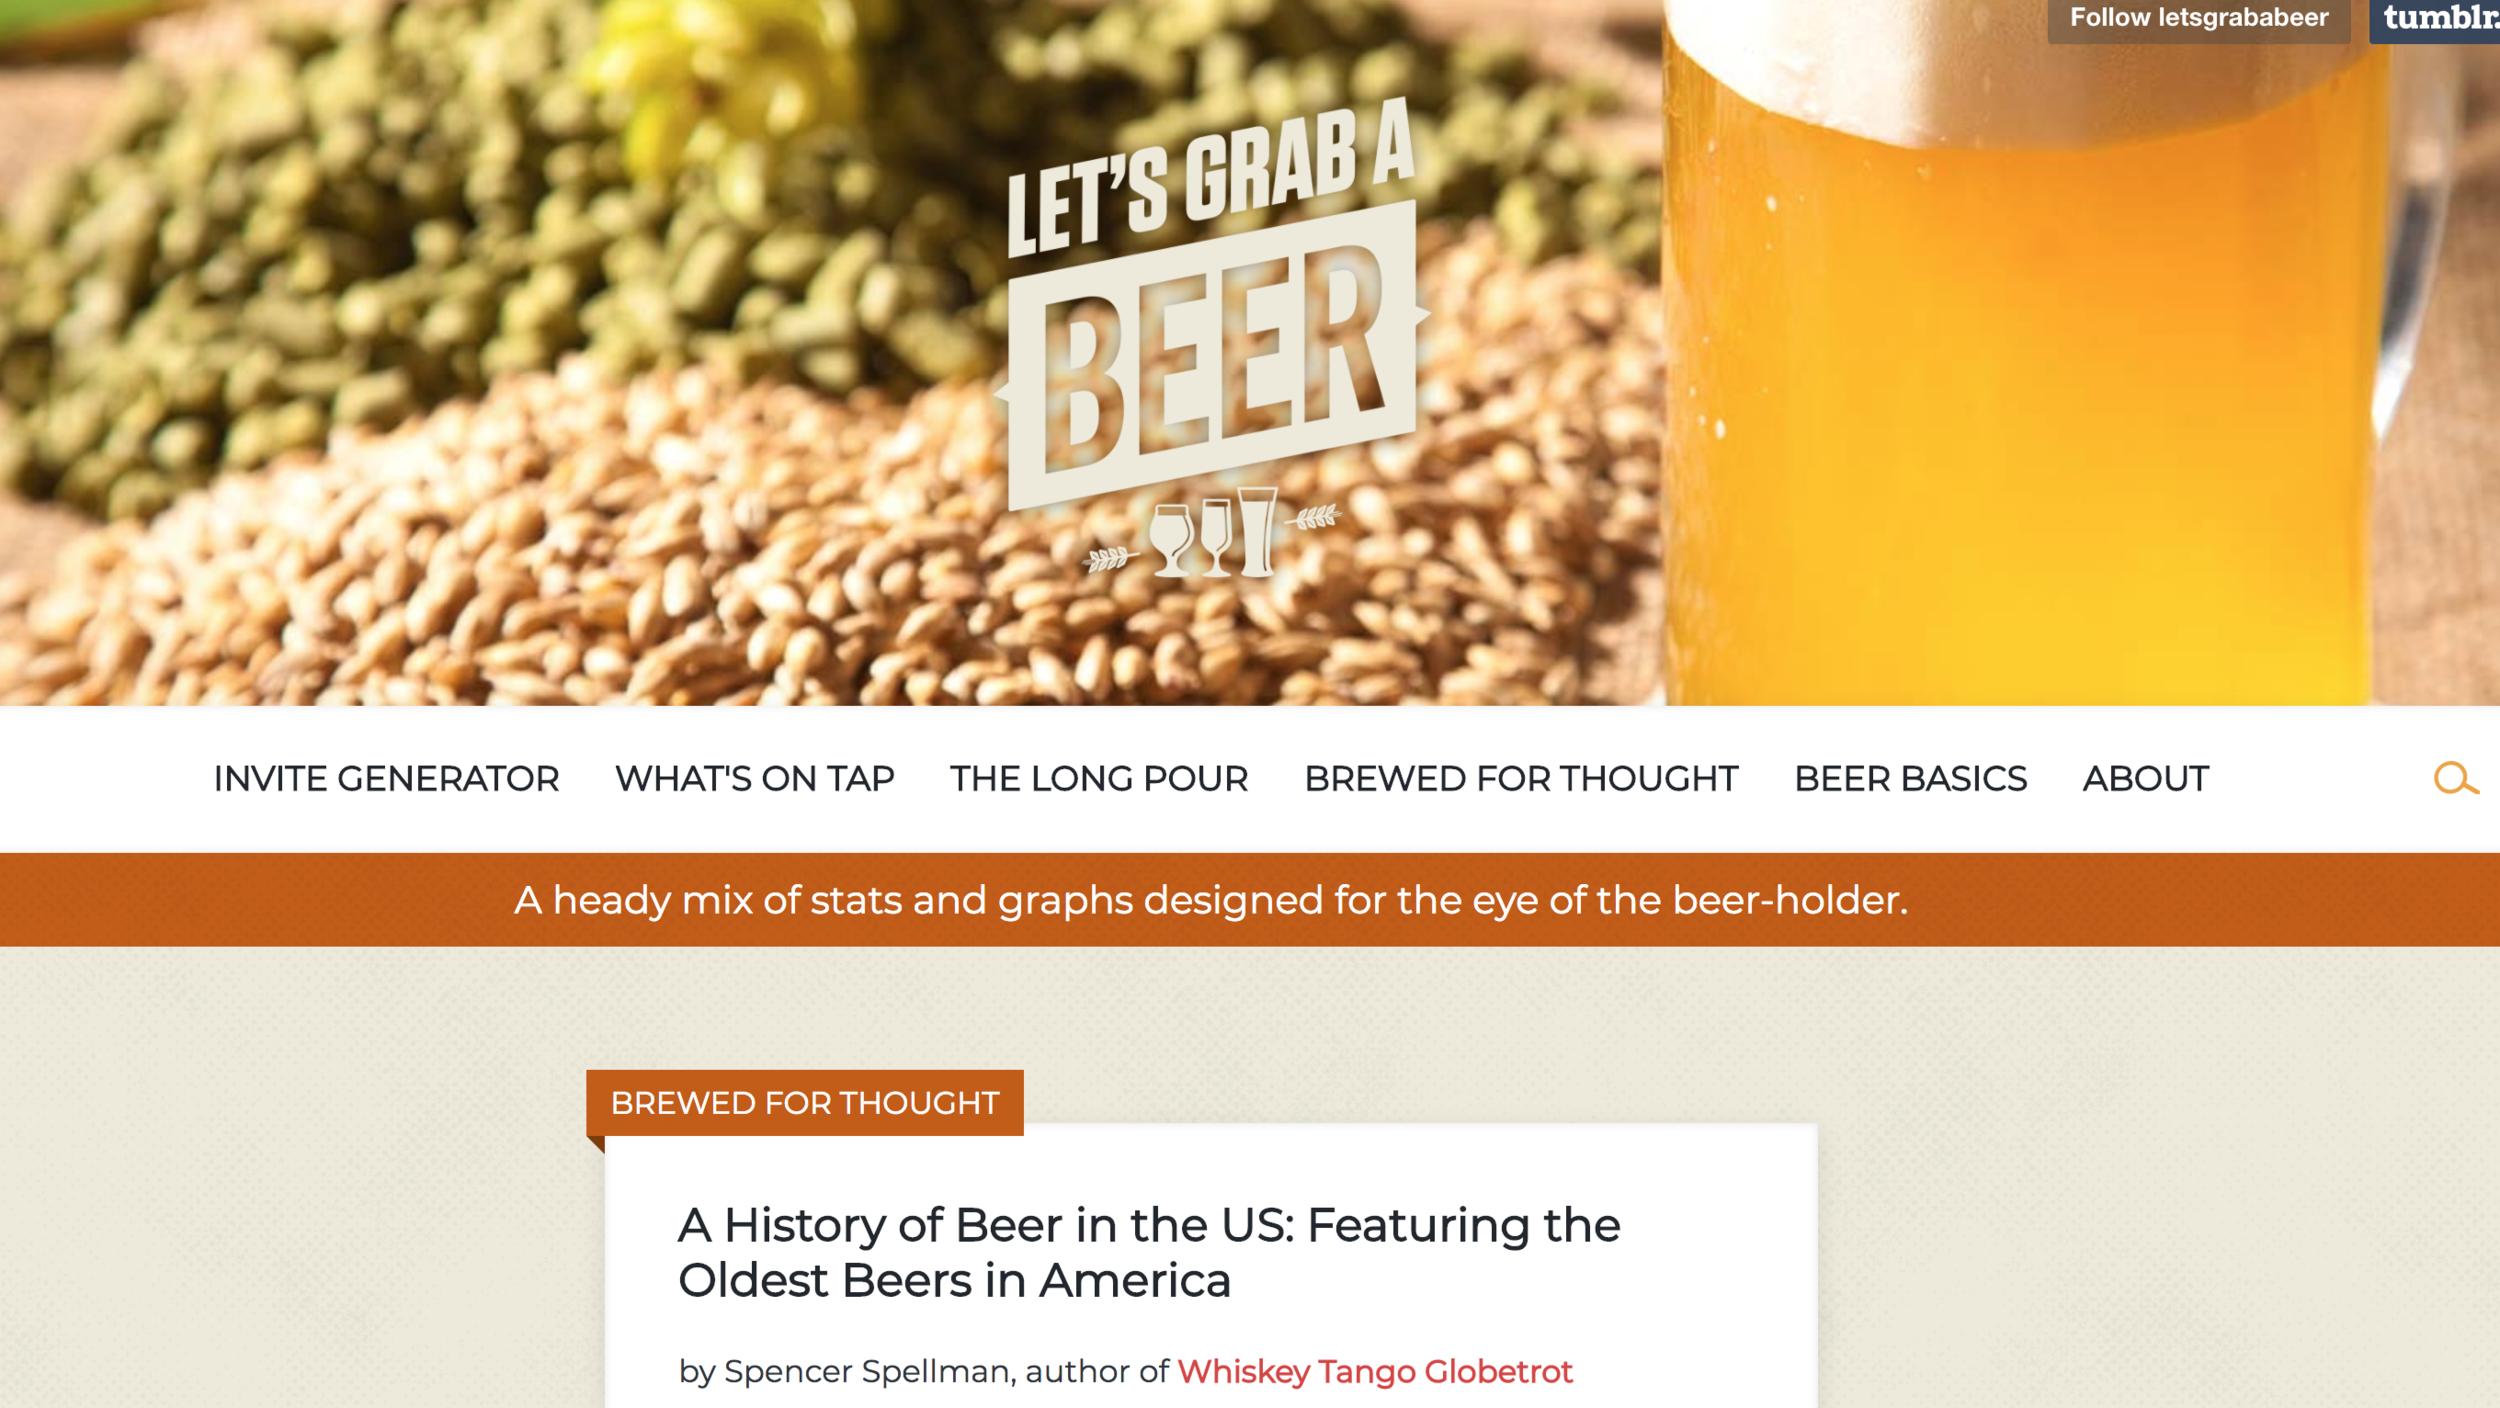 Anheuser-Busch/Let's Grab A Beer (Ambassador)